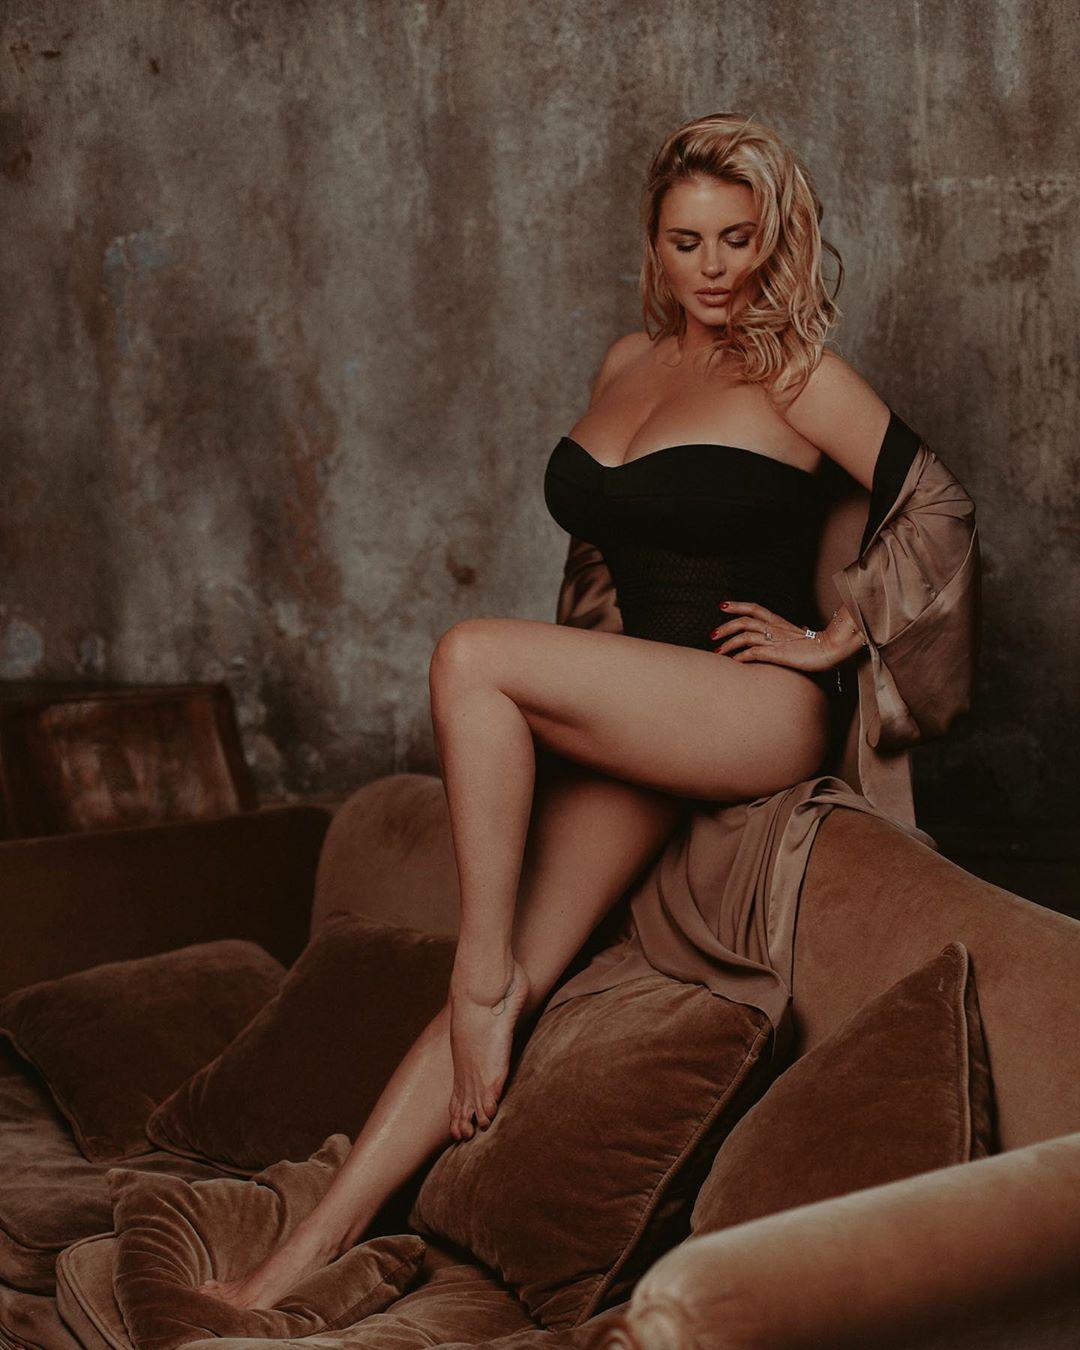 Фото толстую зрелую русскую раком крупным планом домашний секс всовывать